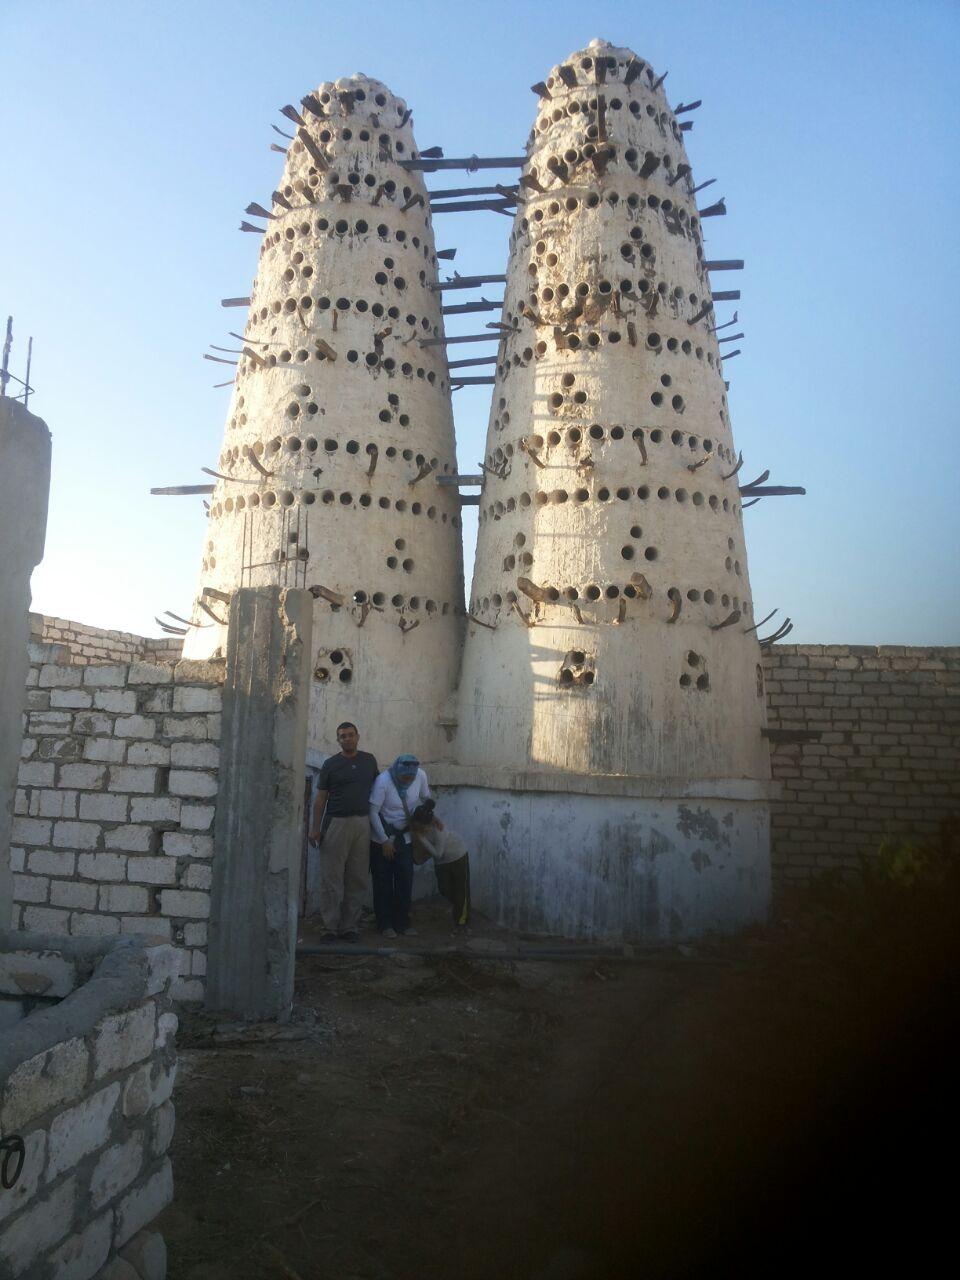 Dovecote at ad delingat, Buheira, Egypt